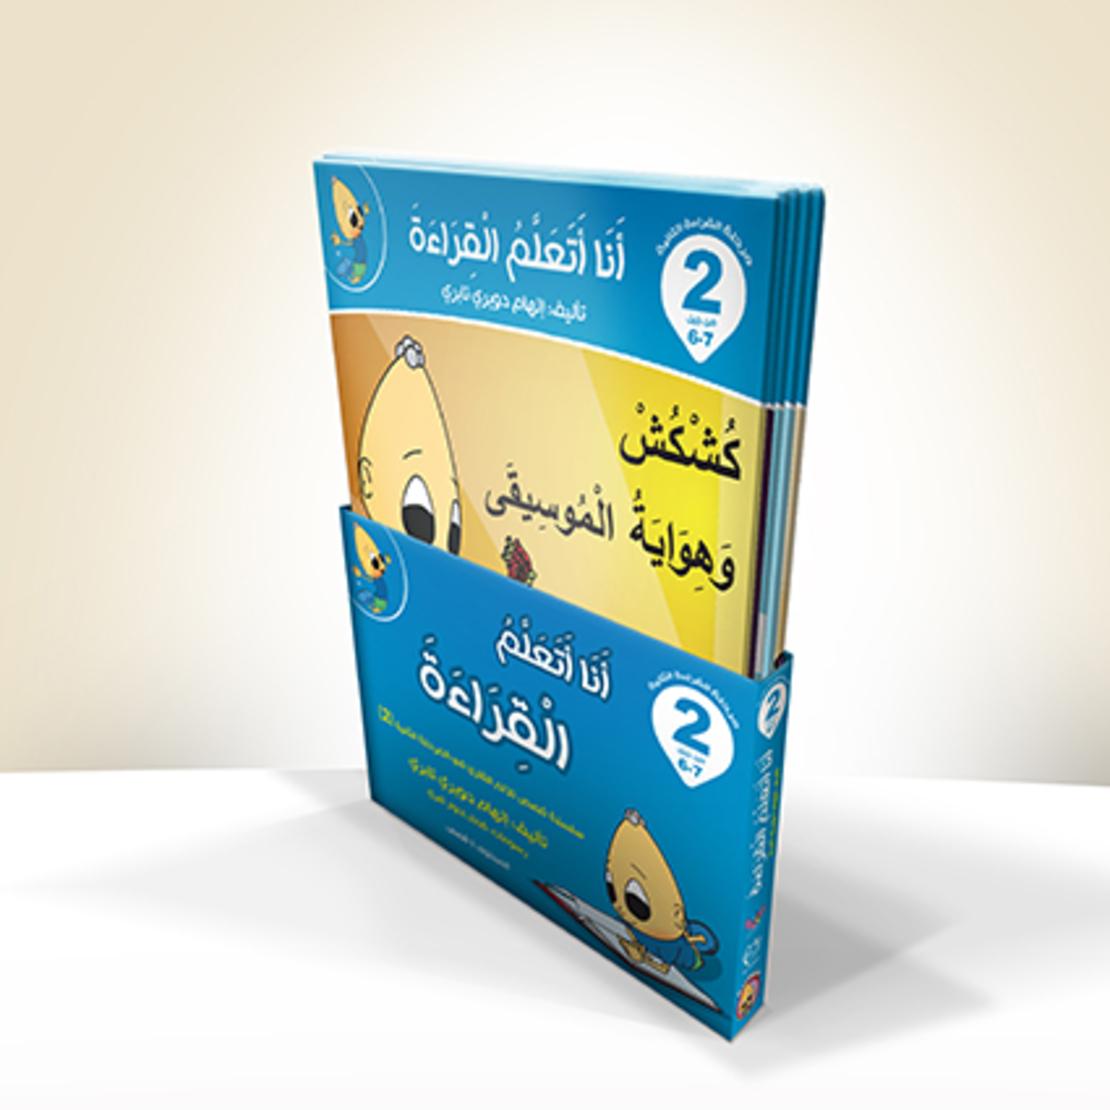 انا اتعلم القراءة 2